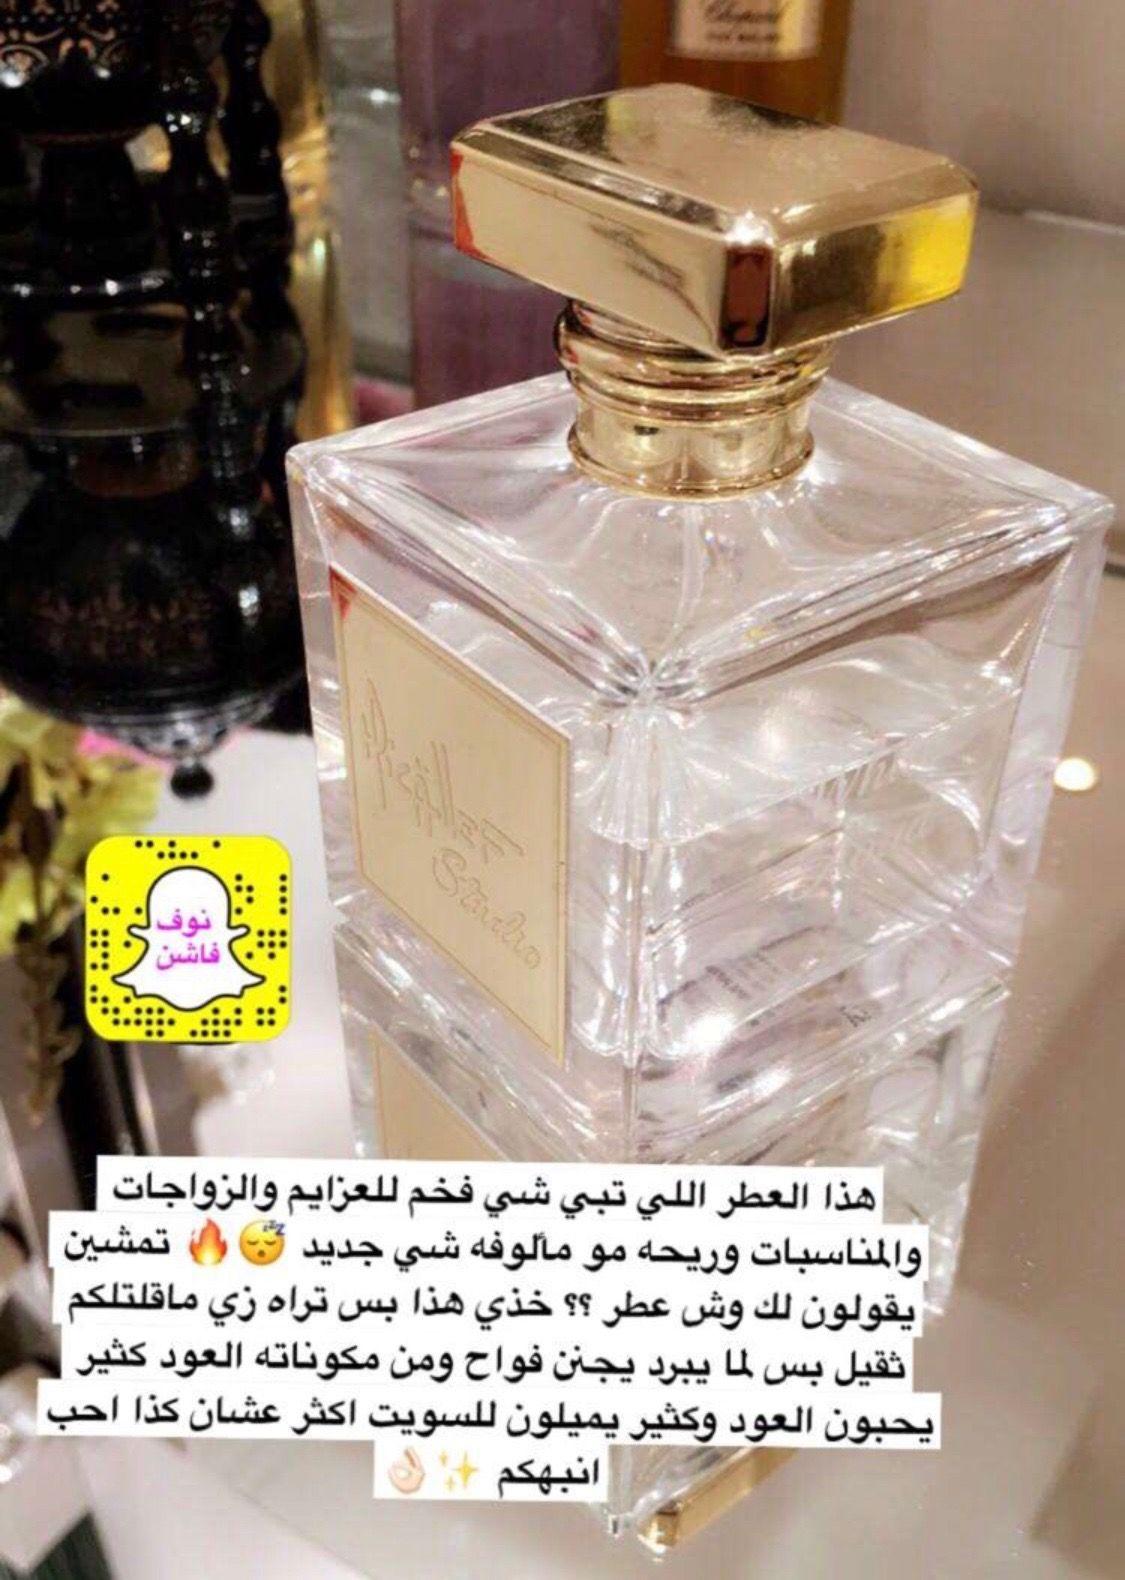 Pin By Samar Anan On عطور فرنسية Lovely Perfume Beauty Perfume Beautiful Perfume